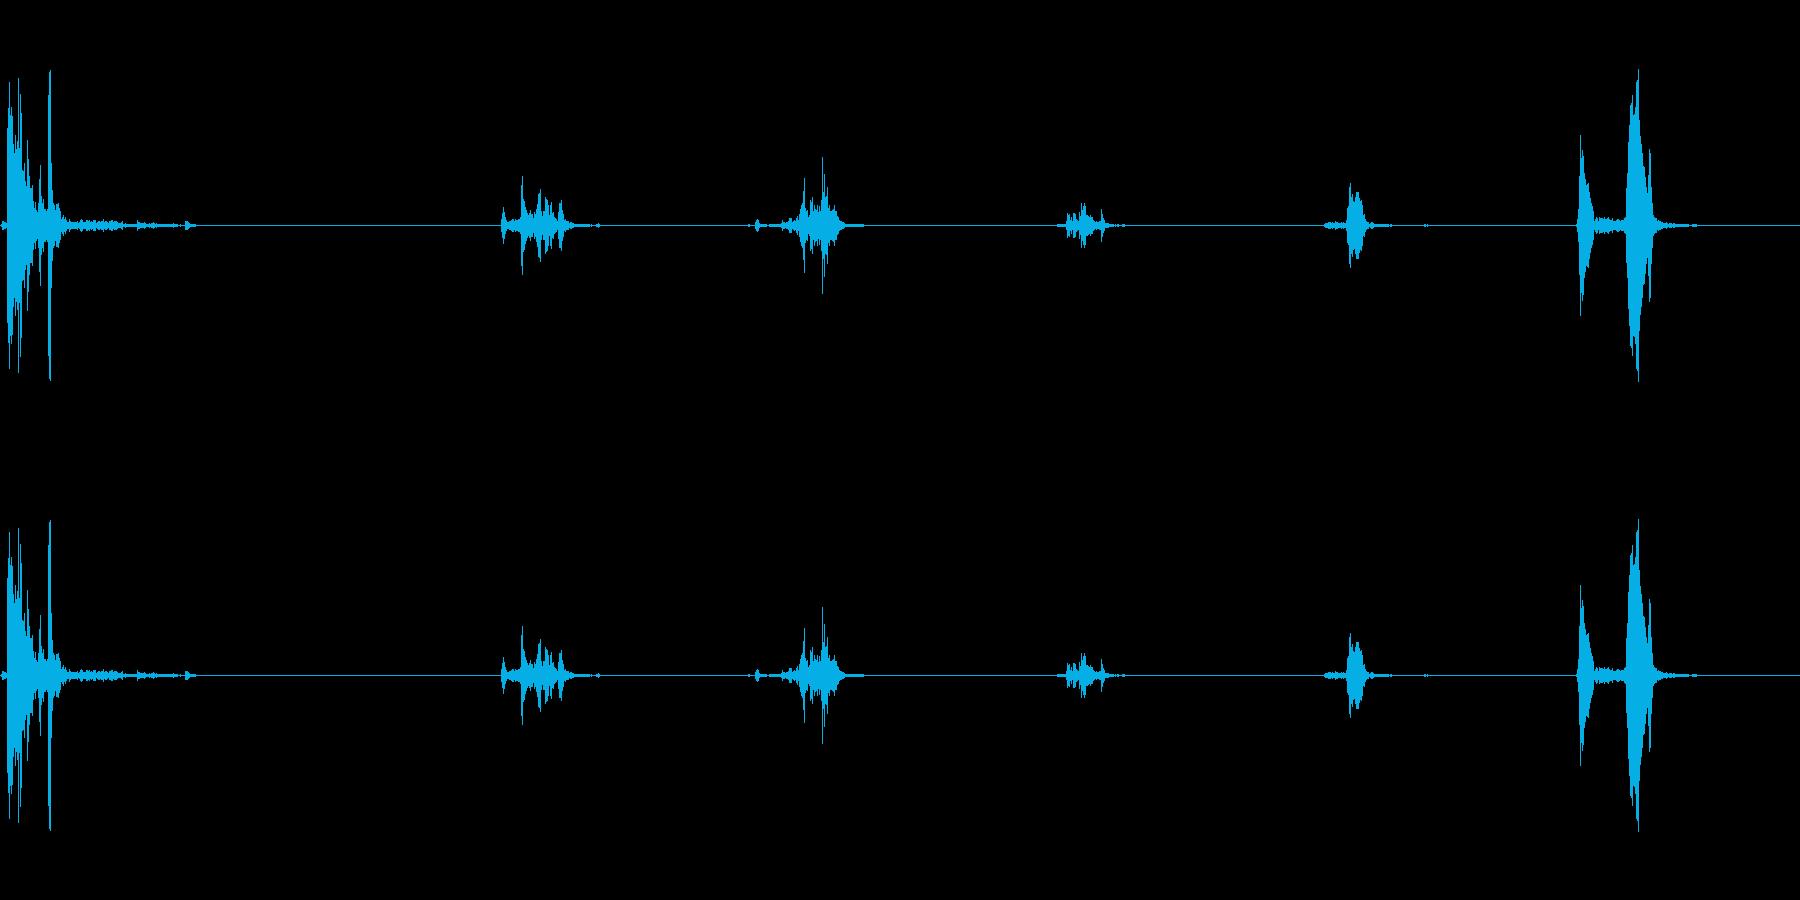 キュッキュッ(小さめの水筒を閉める音)1の再生済みの波形